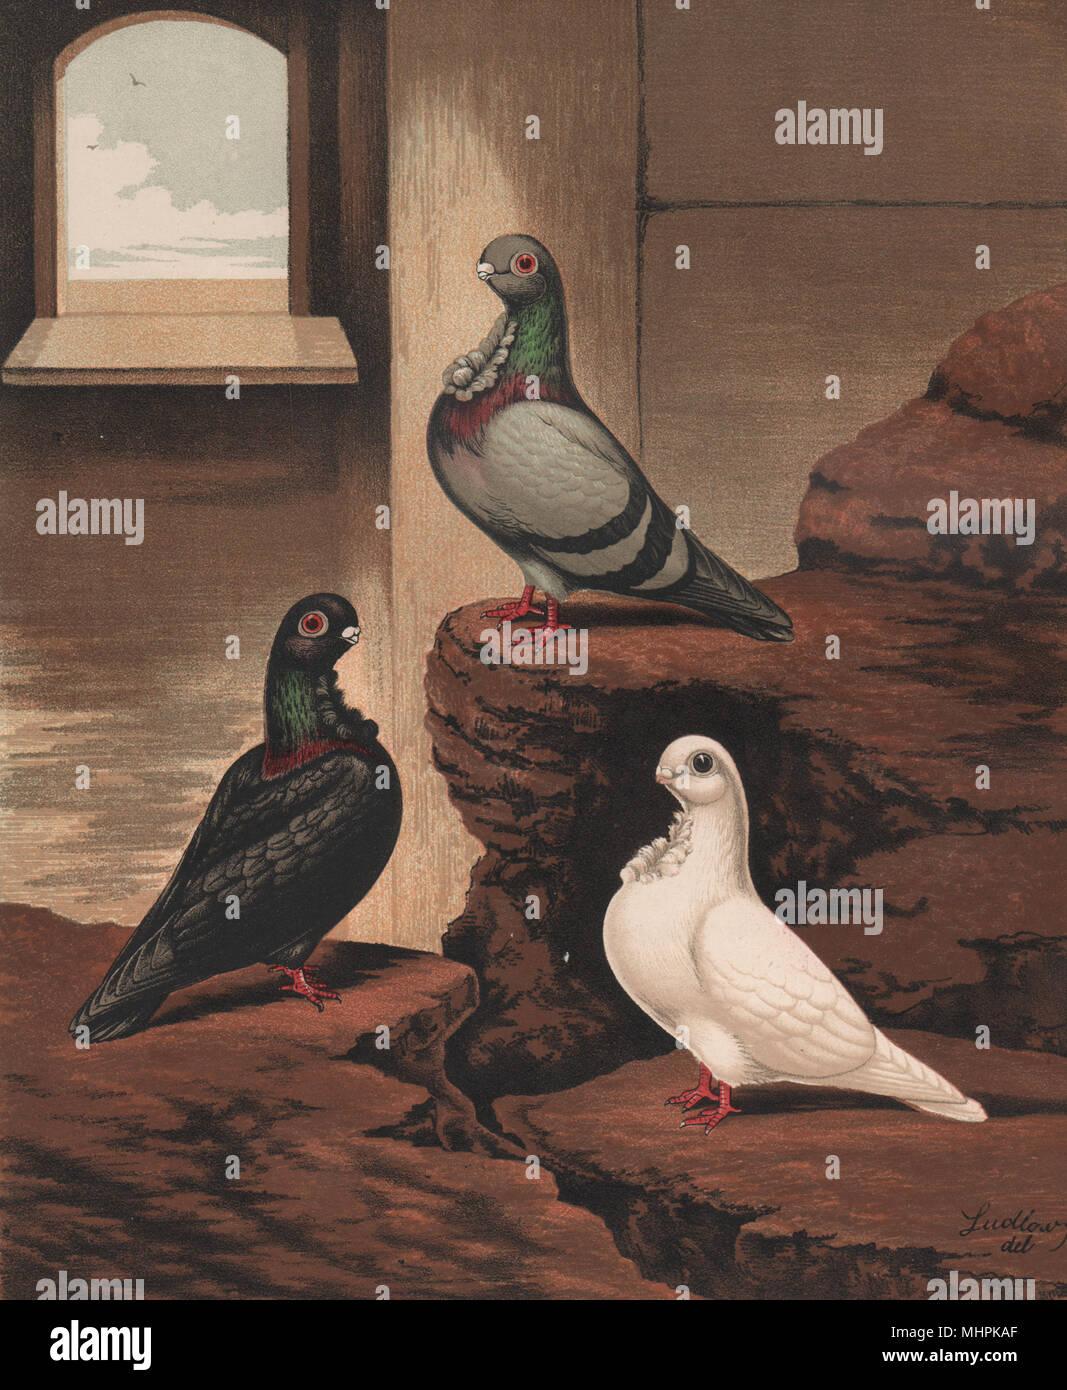 Tauben. Afrikanische Strauße. Blau, Schwarz, und Weiß. Antike chromolithograph 1880 Stockbild